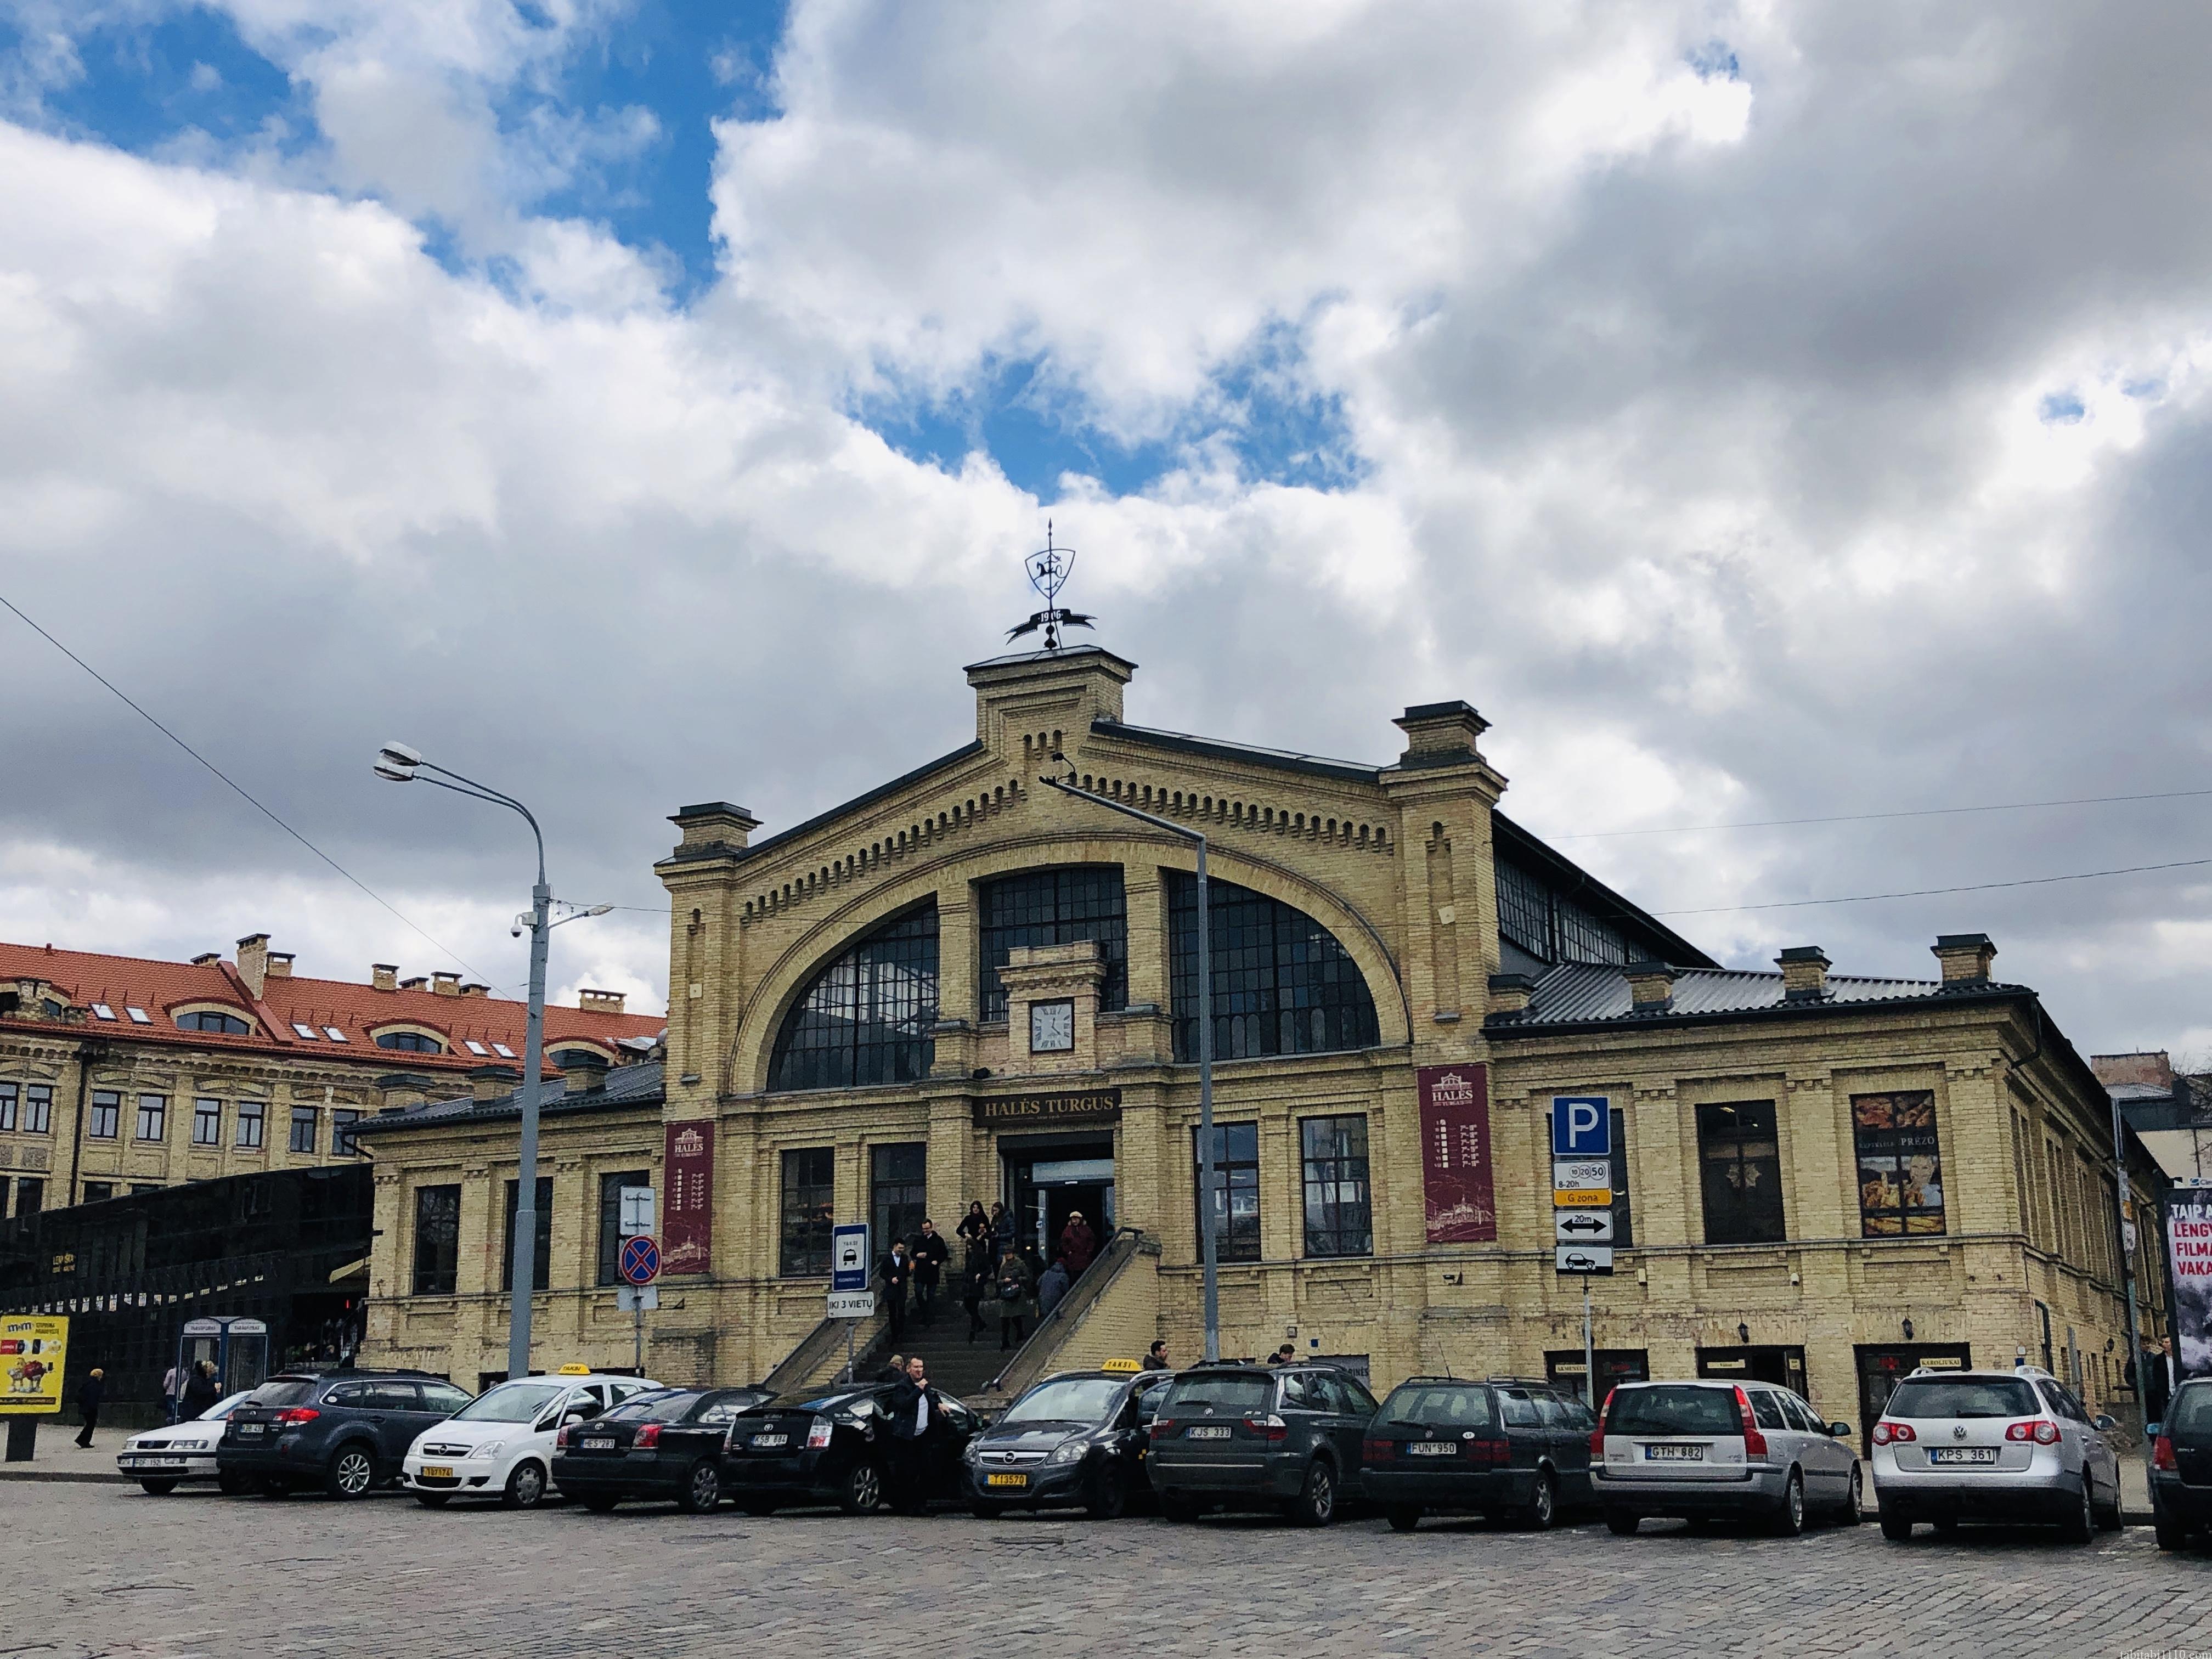 ビリニュス 市場 Halle Market